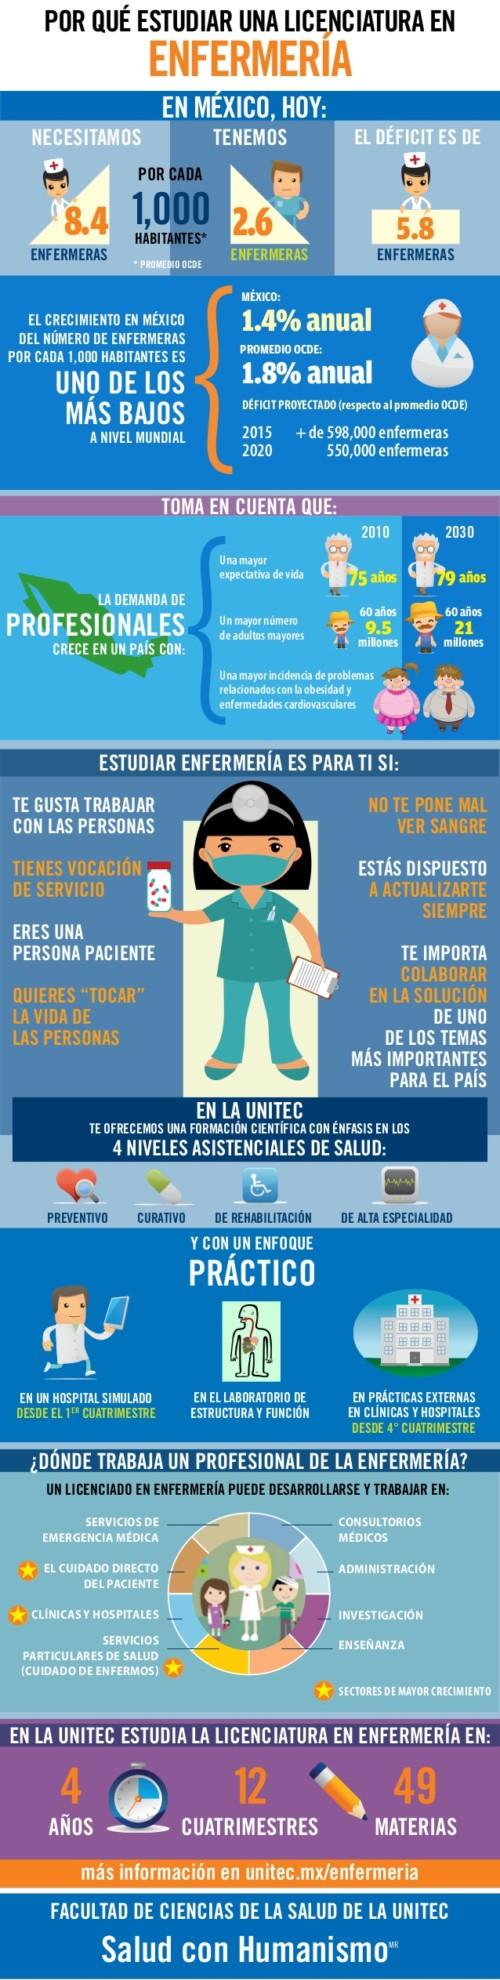 Infografia Día de la Enfermera (2)